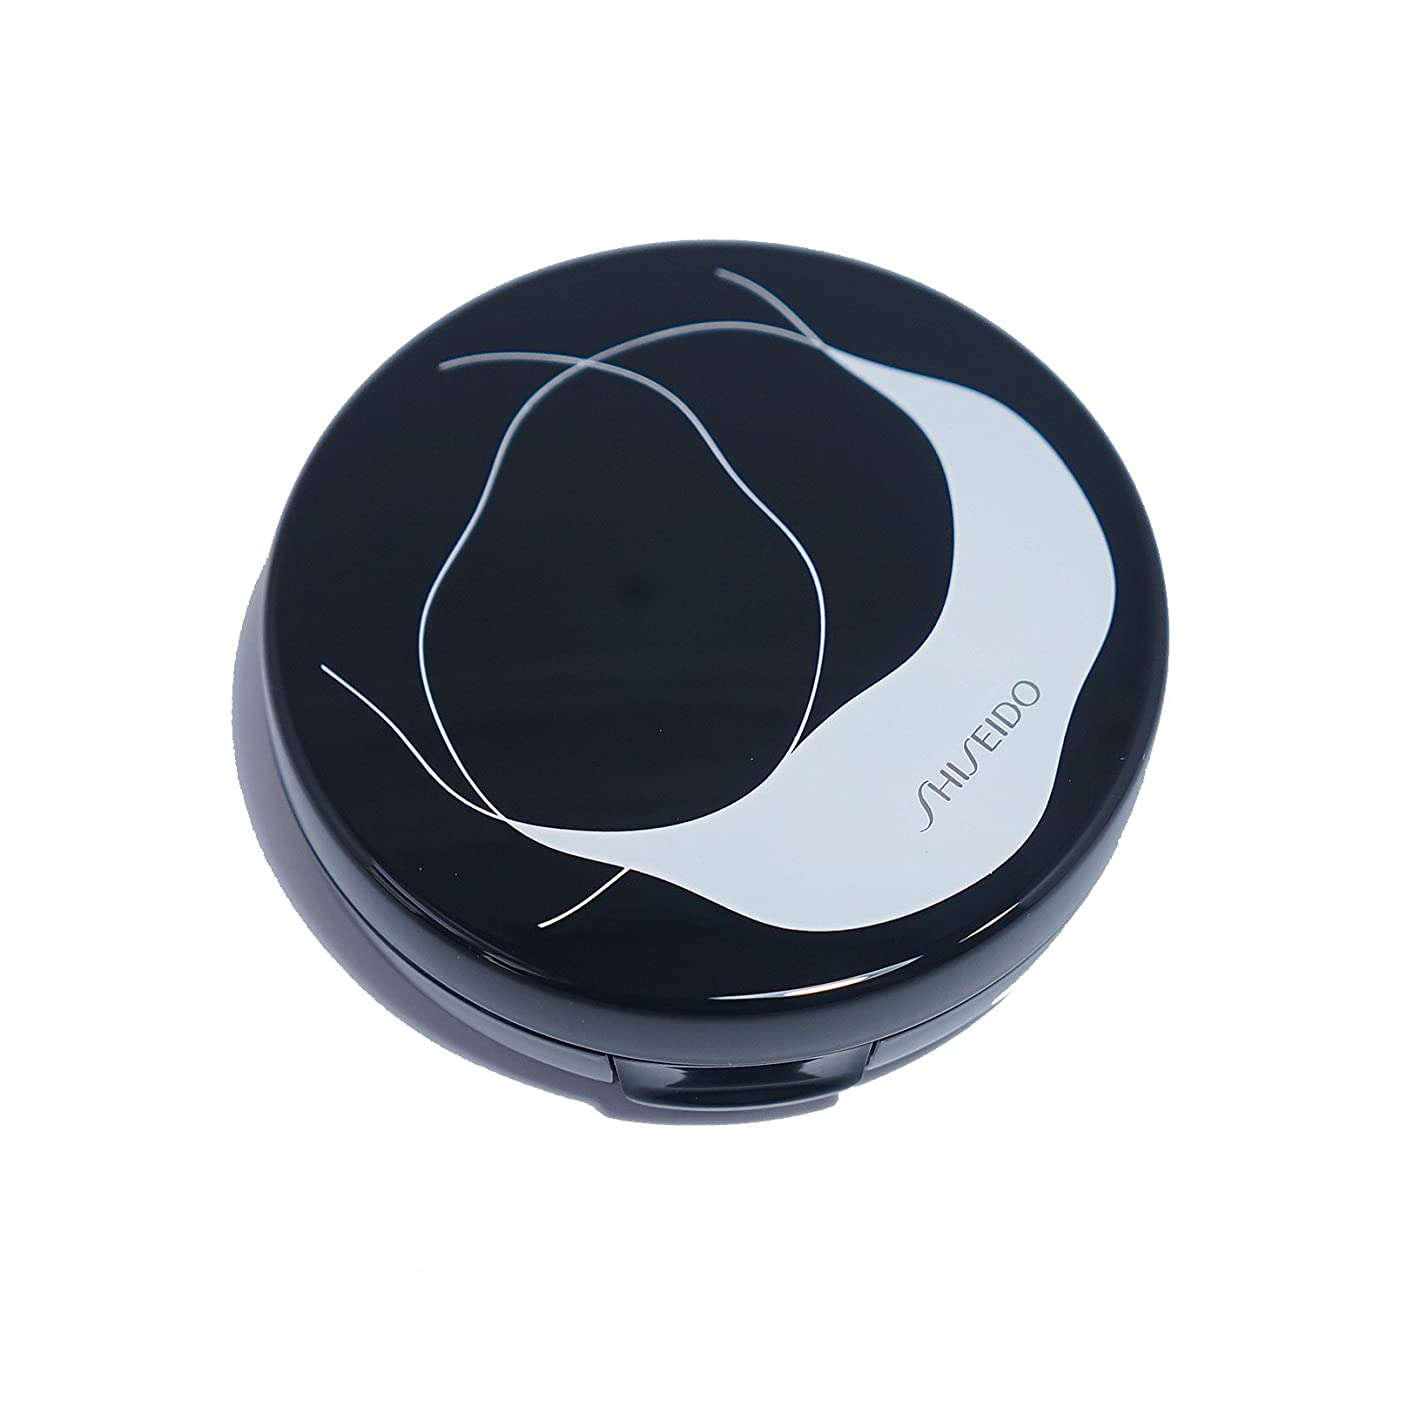 バーベキュー活性化するグレートバリアリーフSHISEIDO 資生堂 シンクロスキン グロー クッションコンパクト オークル10 レフィル&ケースのセット 国内正規品